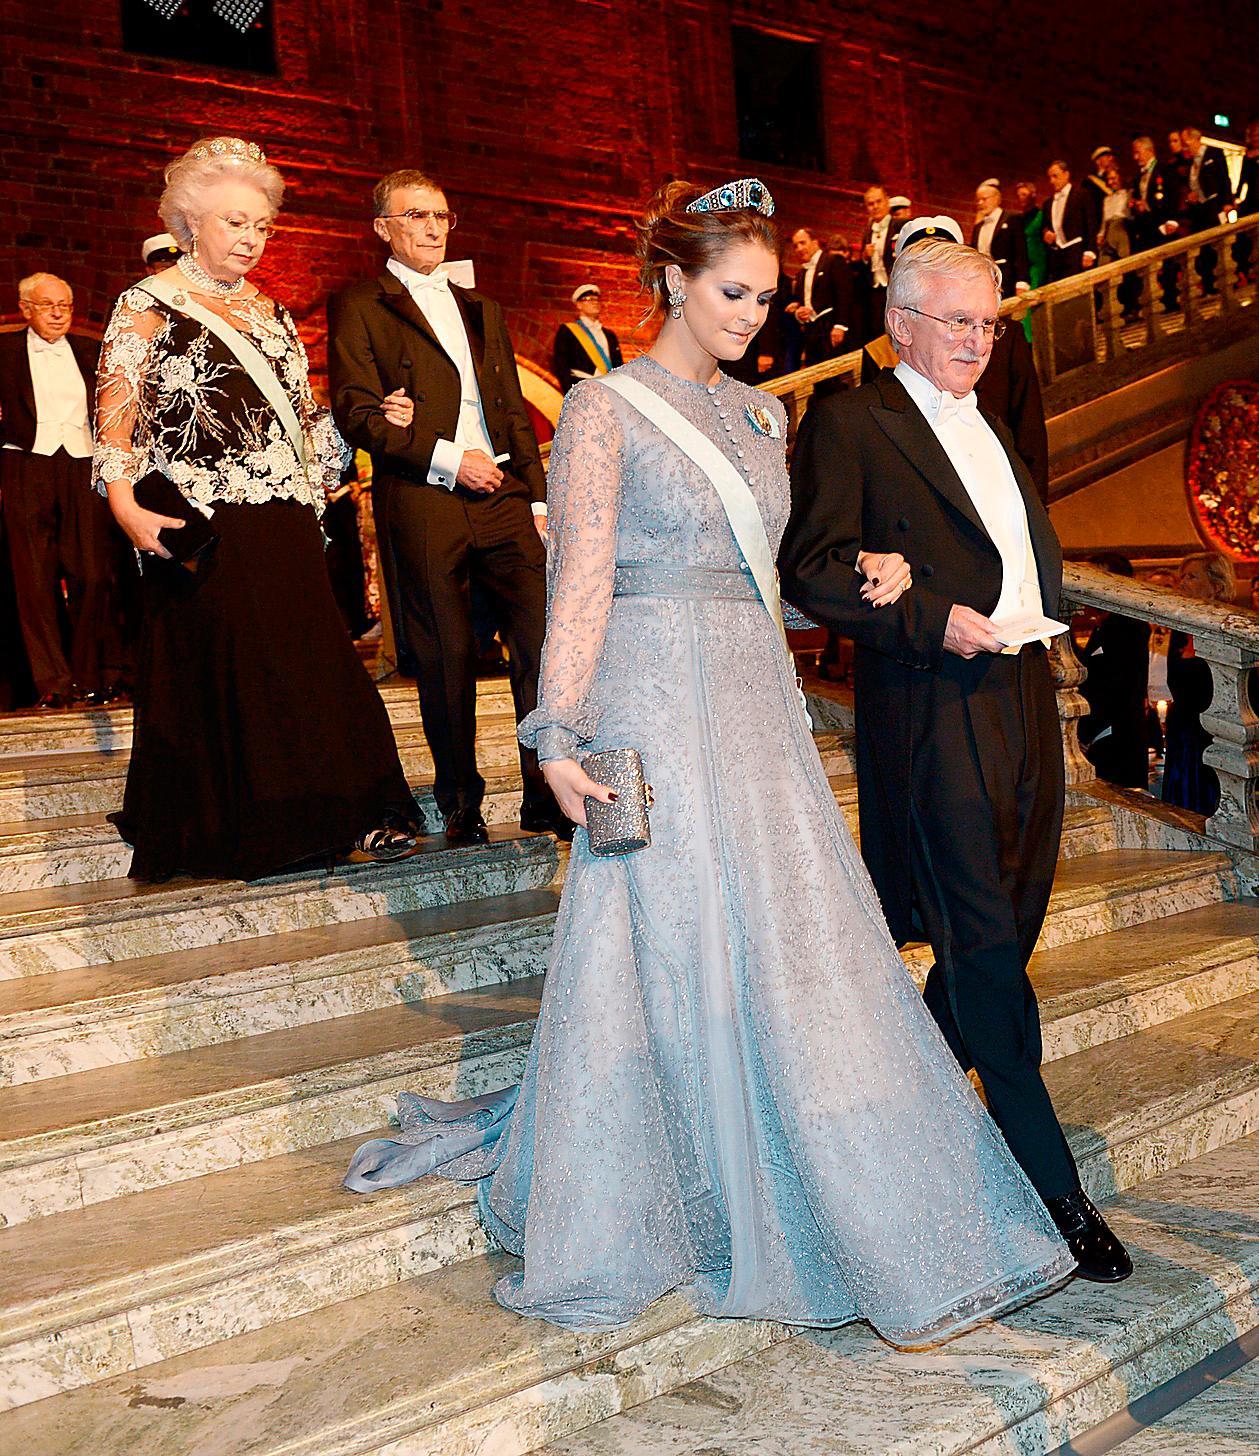 2015.Prinsessan Madeleine valde återigen en klänning av Fadi el Khoury med ärmar i genombruten spets. I håruppsättningen bar hon kronprinsessan Margarethas diadem med akvamariner.